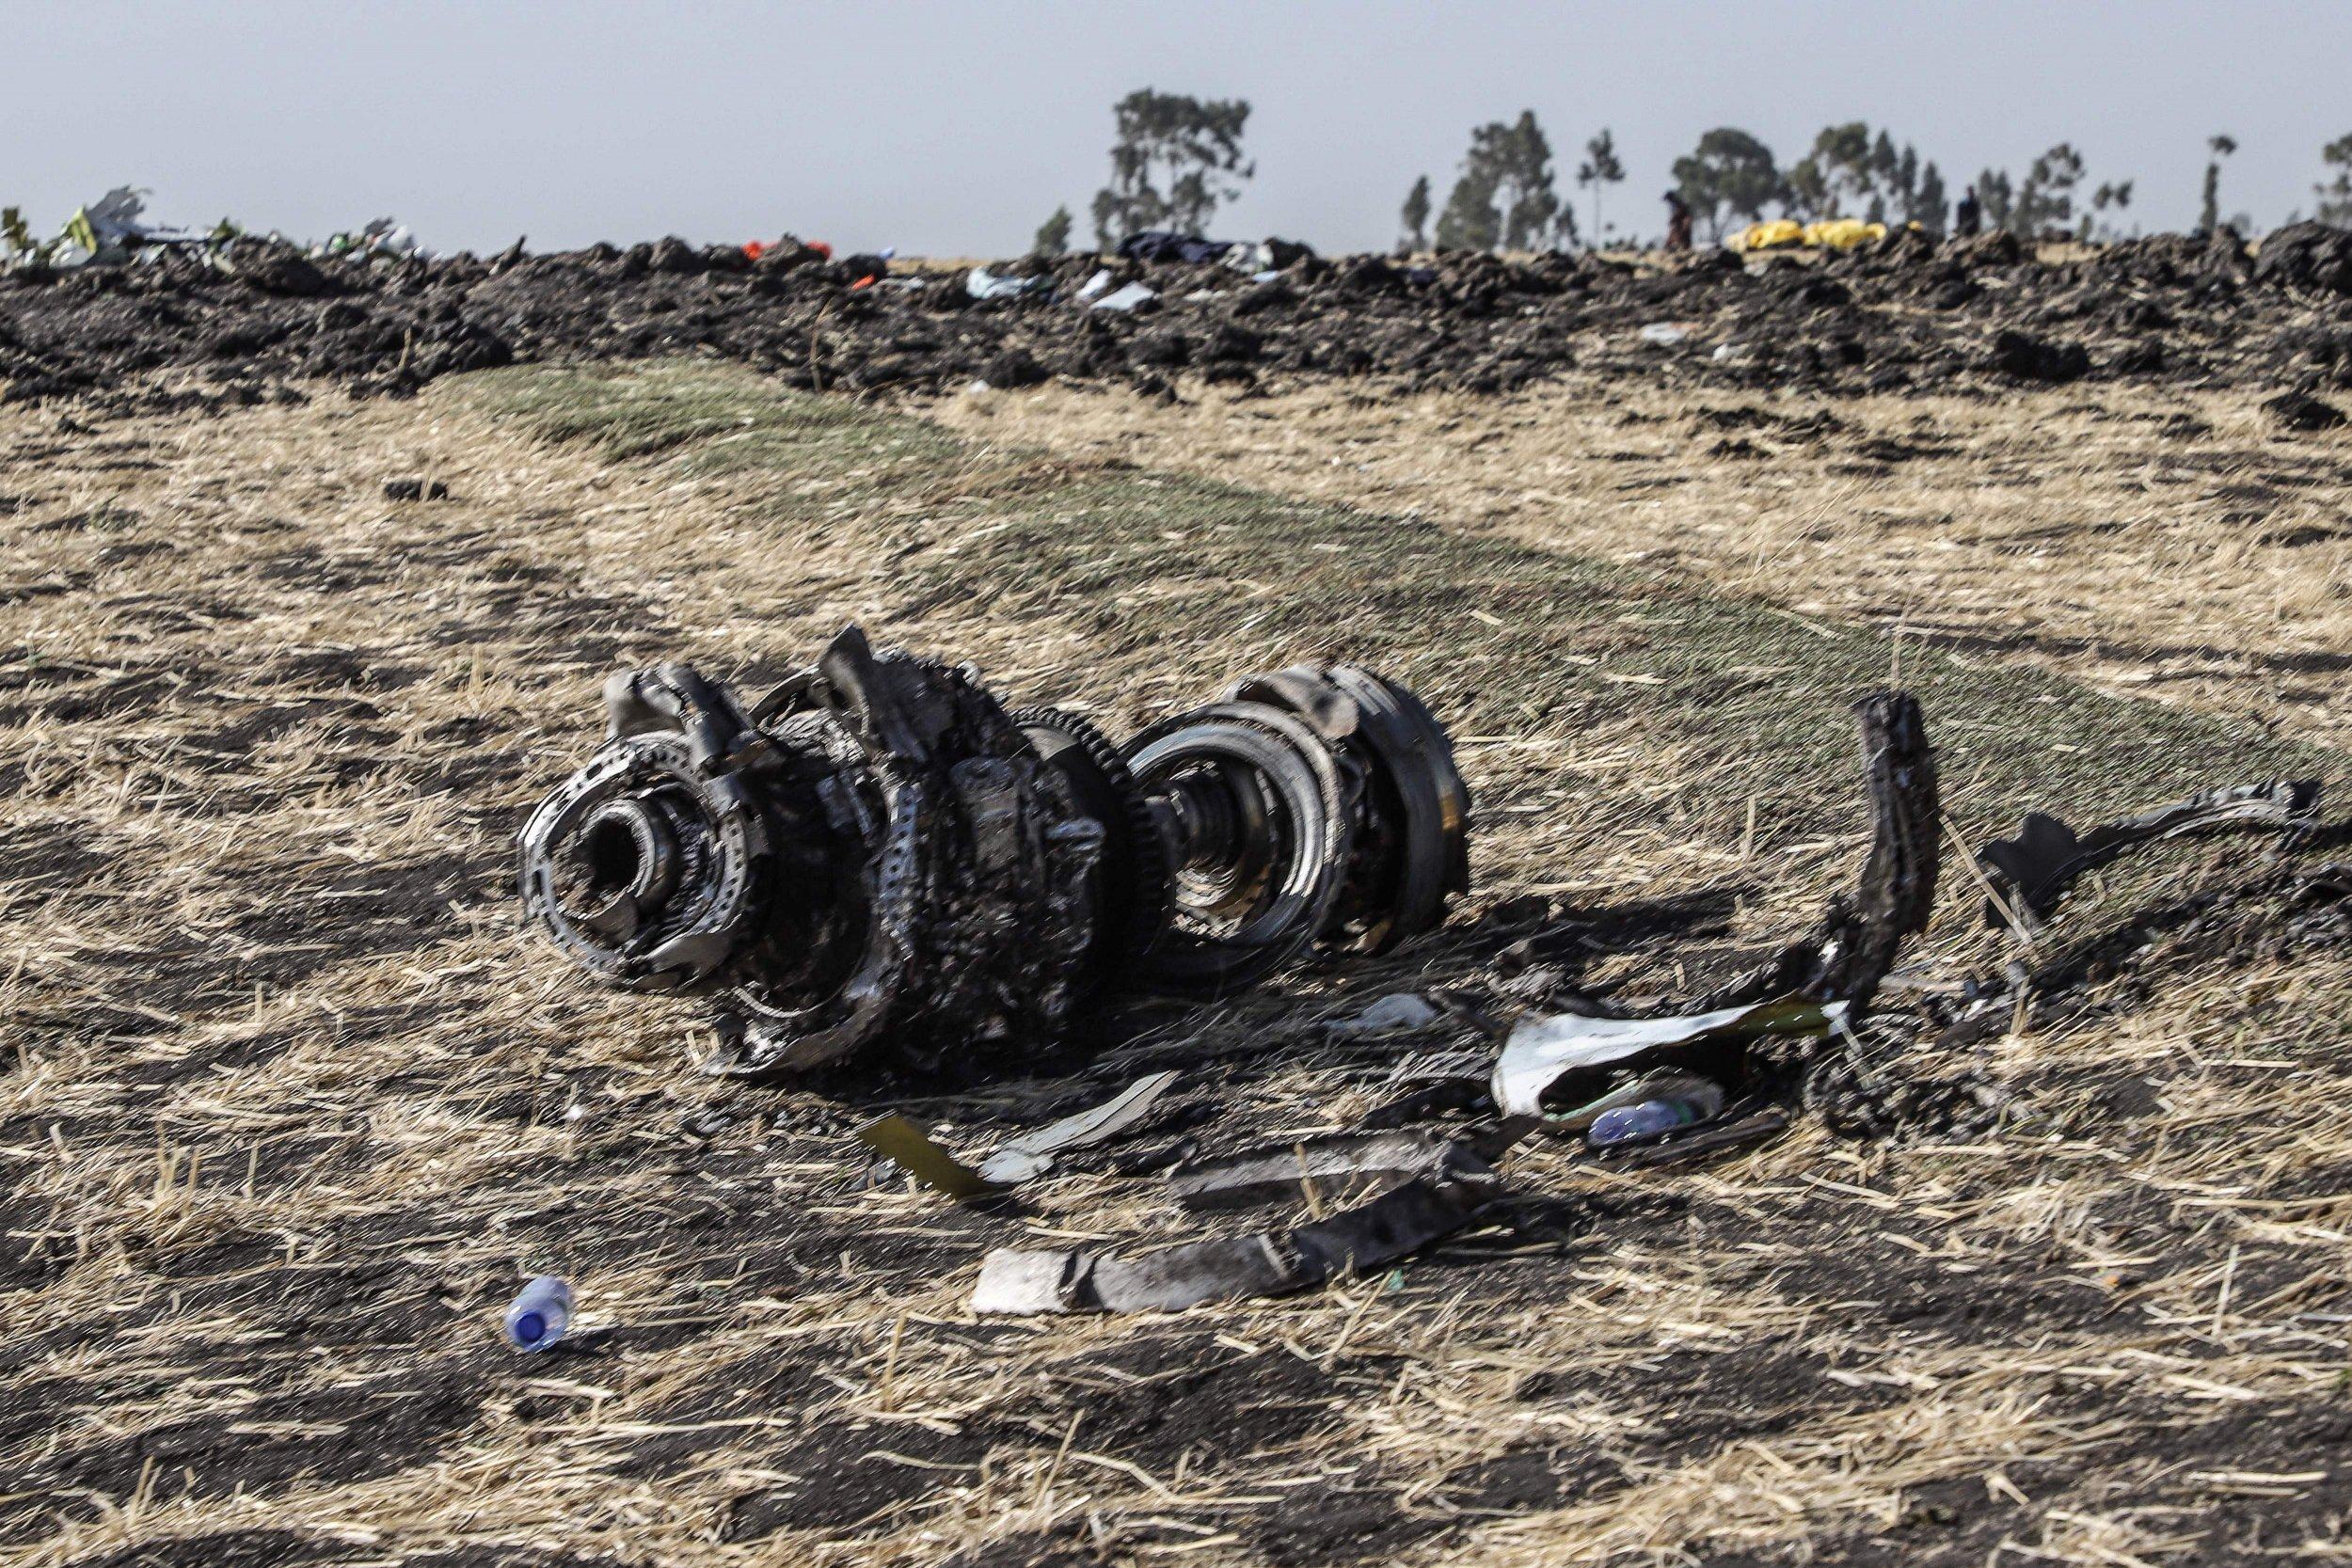 Ethiopia Alirlines crash